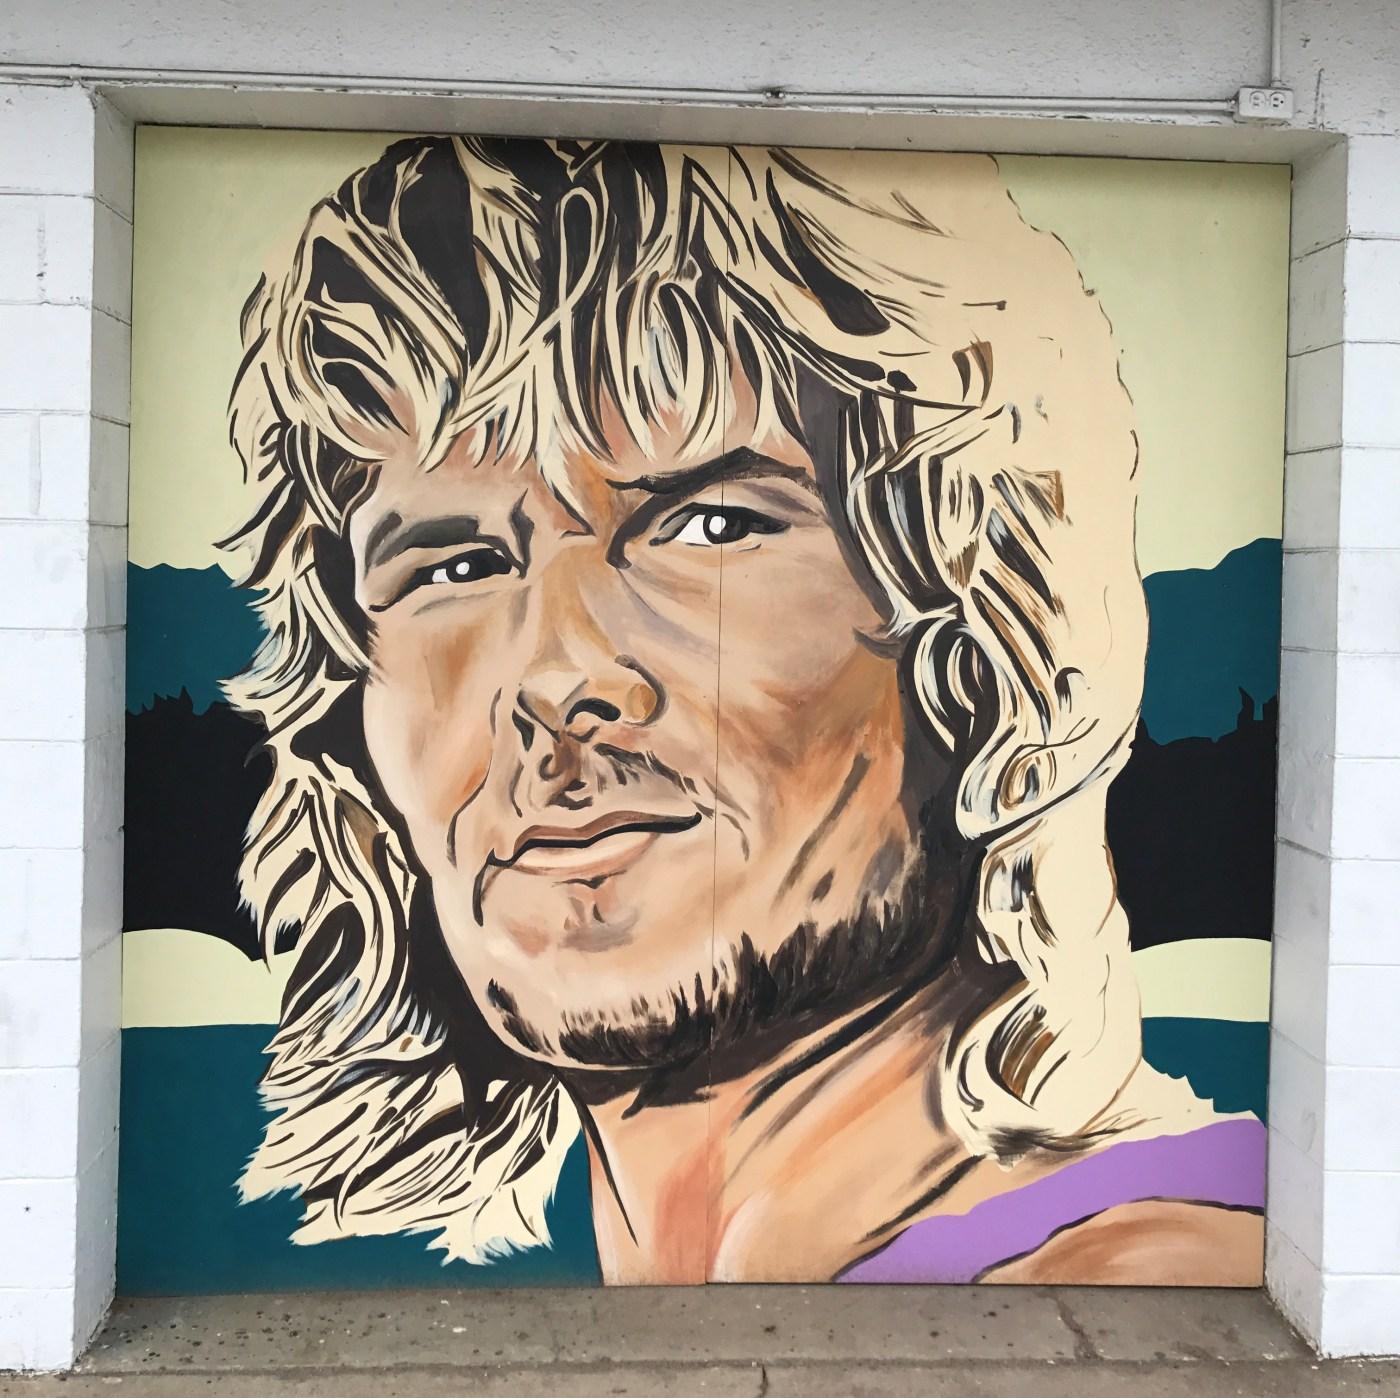 Swayze mural street art Nashville